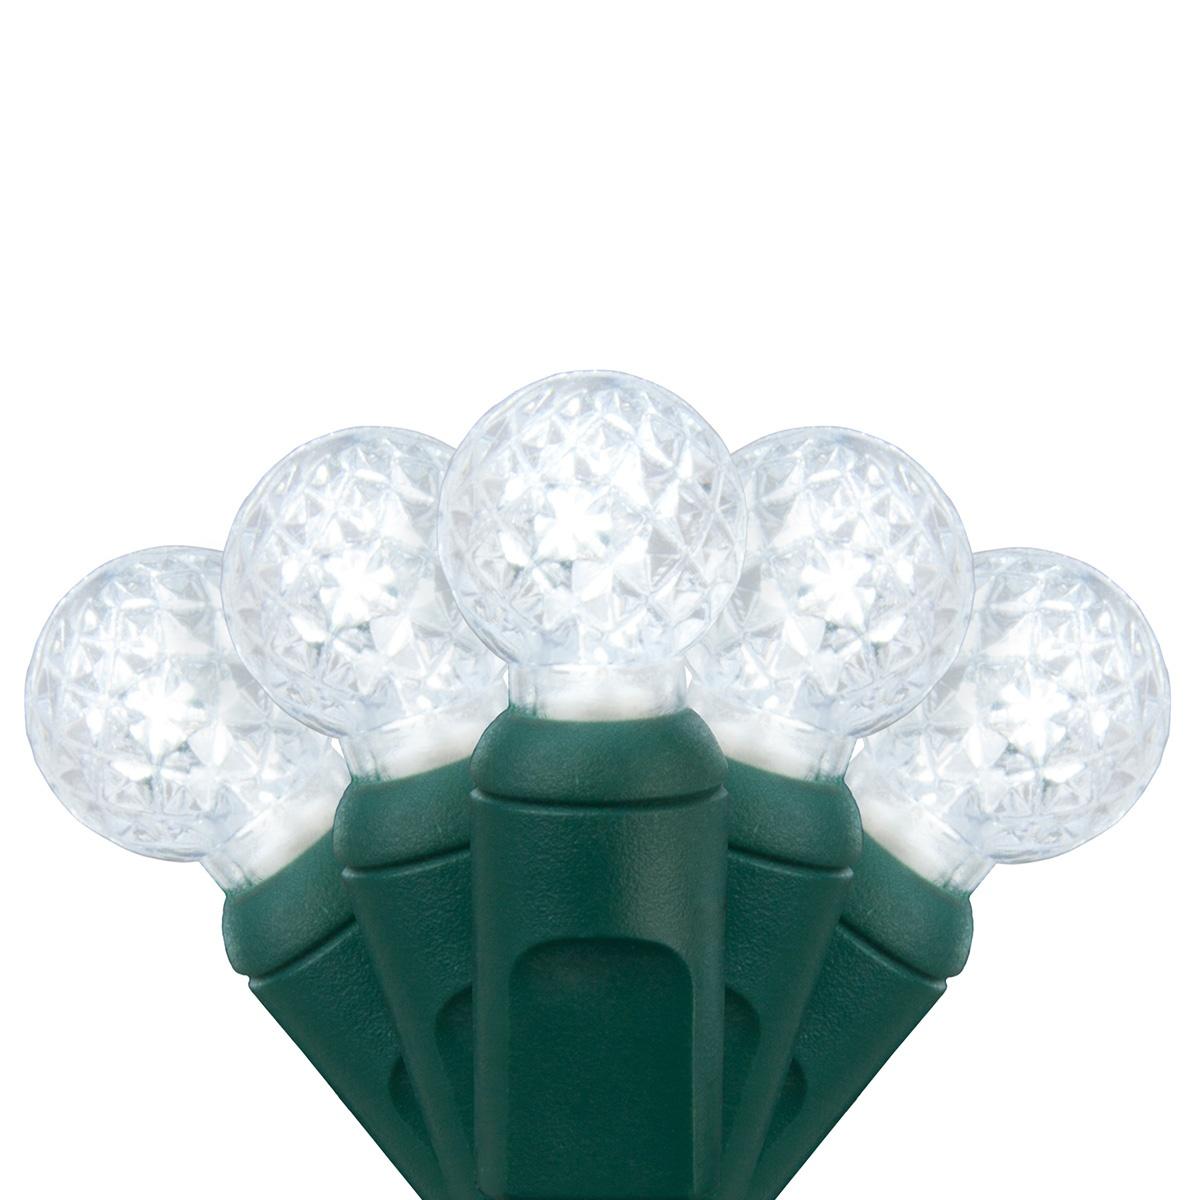 LED Christmas Lights - 70 G12 Cool White LED String Lights, 4\